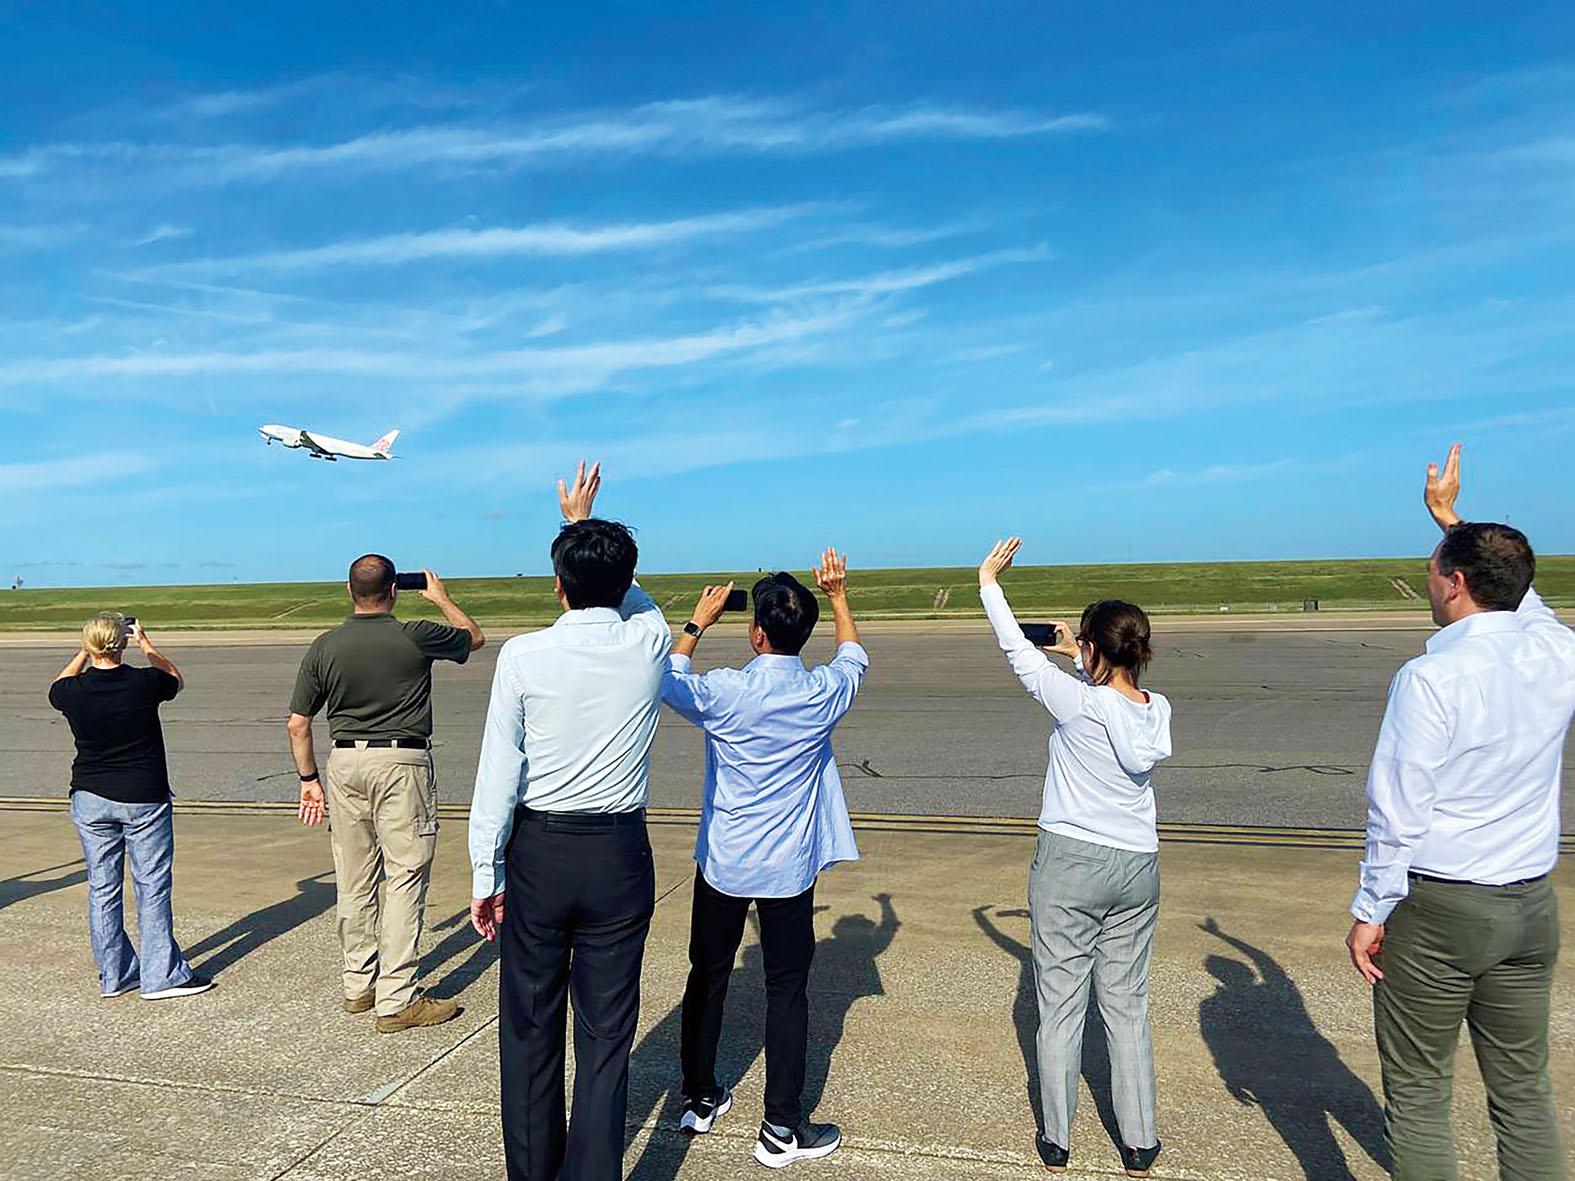 美國贈送台灣250萬劑疫苗(小圖),美東時間19日由華航貨機運送,從曼菲斯起飛,駐美代表蕭美琴(右2)前往送機。中央社